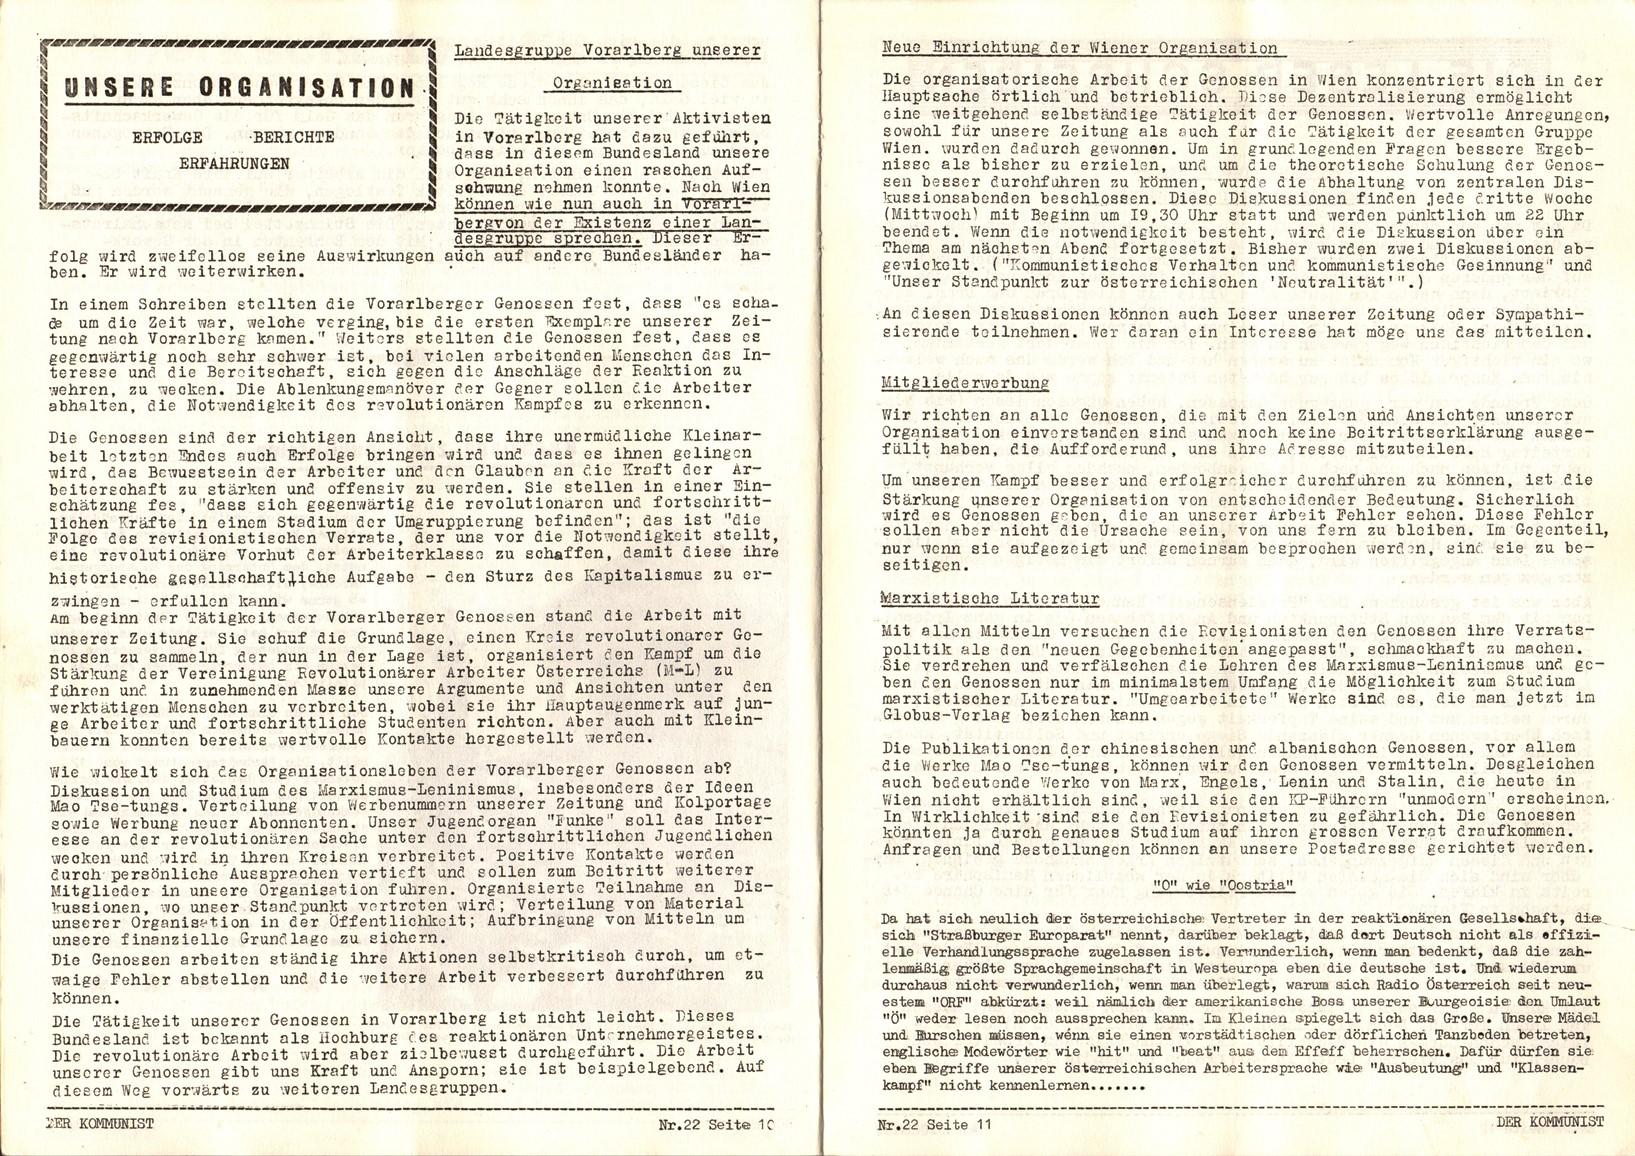 VRA_Der_Kommunist_19681200_06